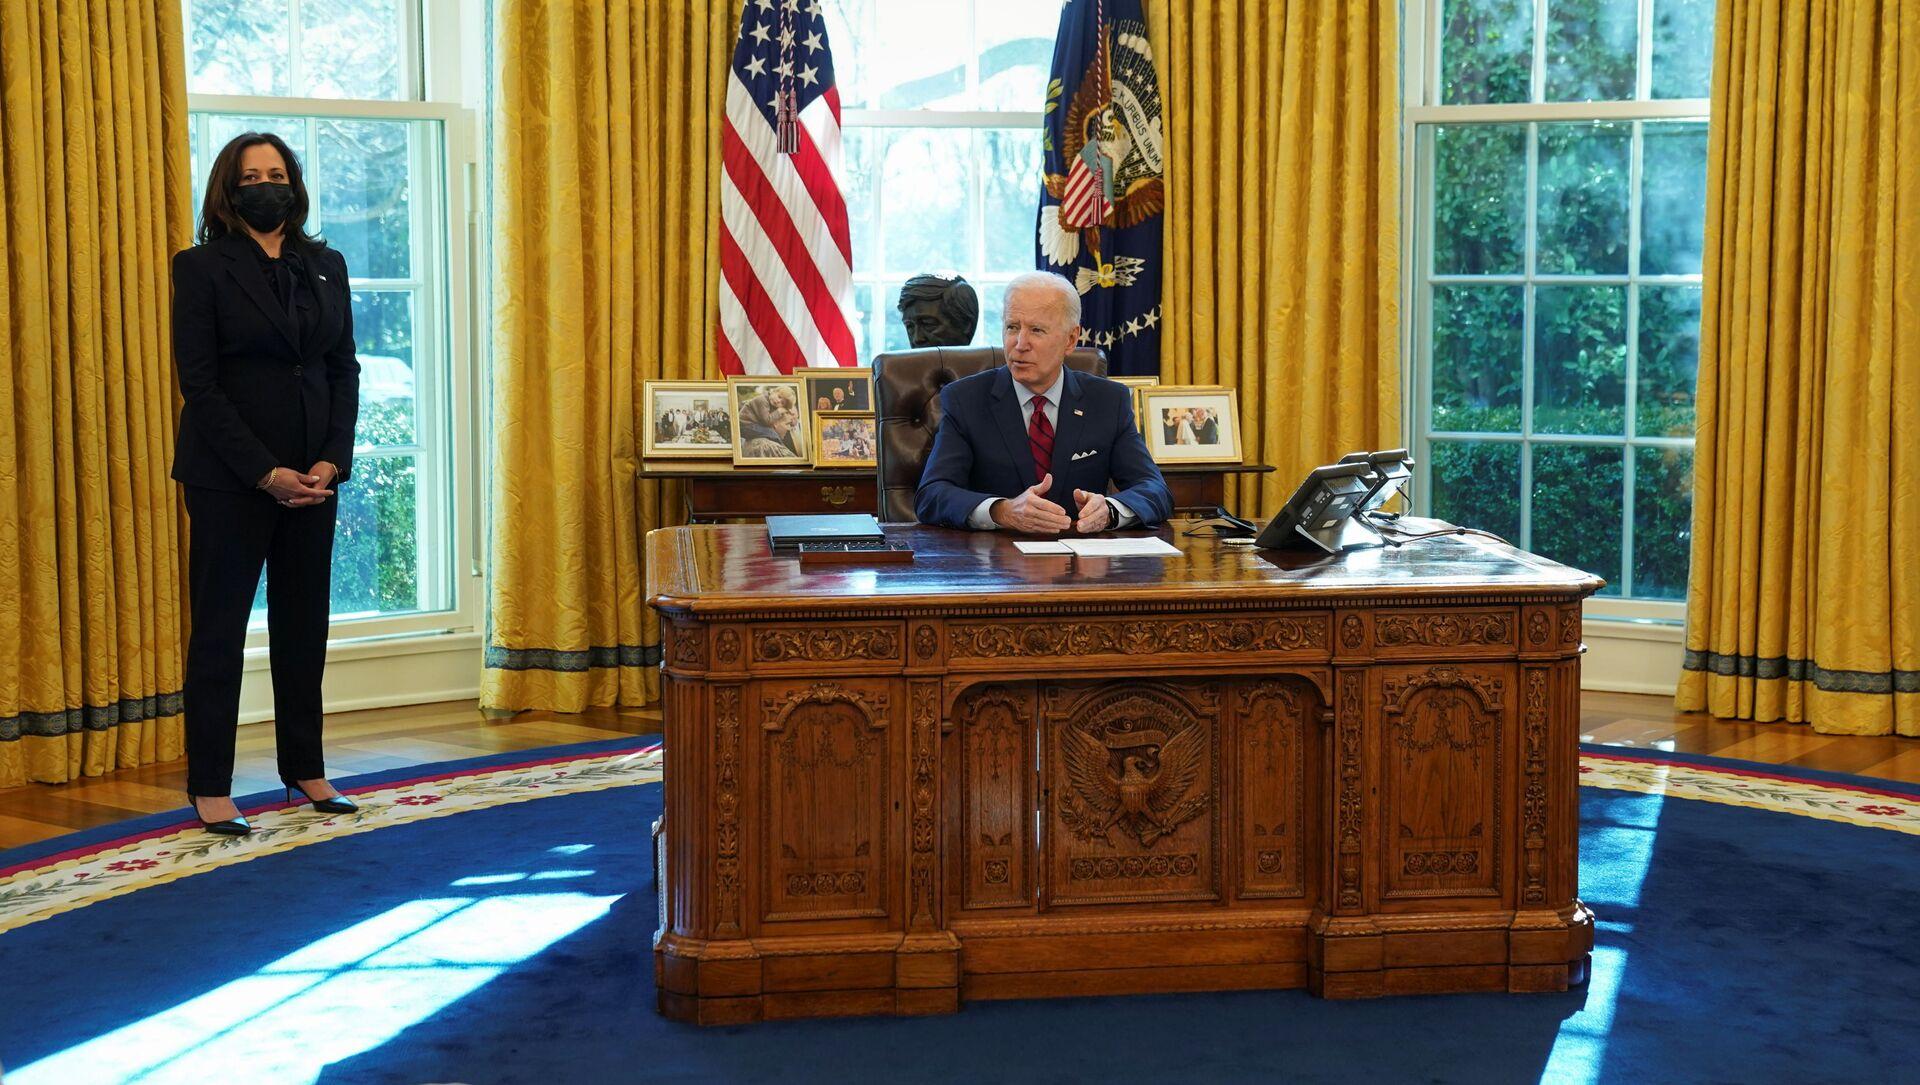 Americká viceprezidentka Kamala Harrisová stojí vedle amerického prezidenta Joea Bidena v Bílém domě - Sputnik Česká republika, 1920, 23.02.2021